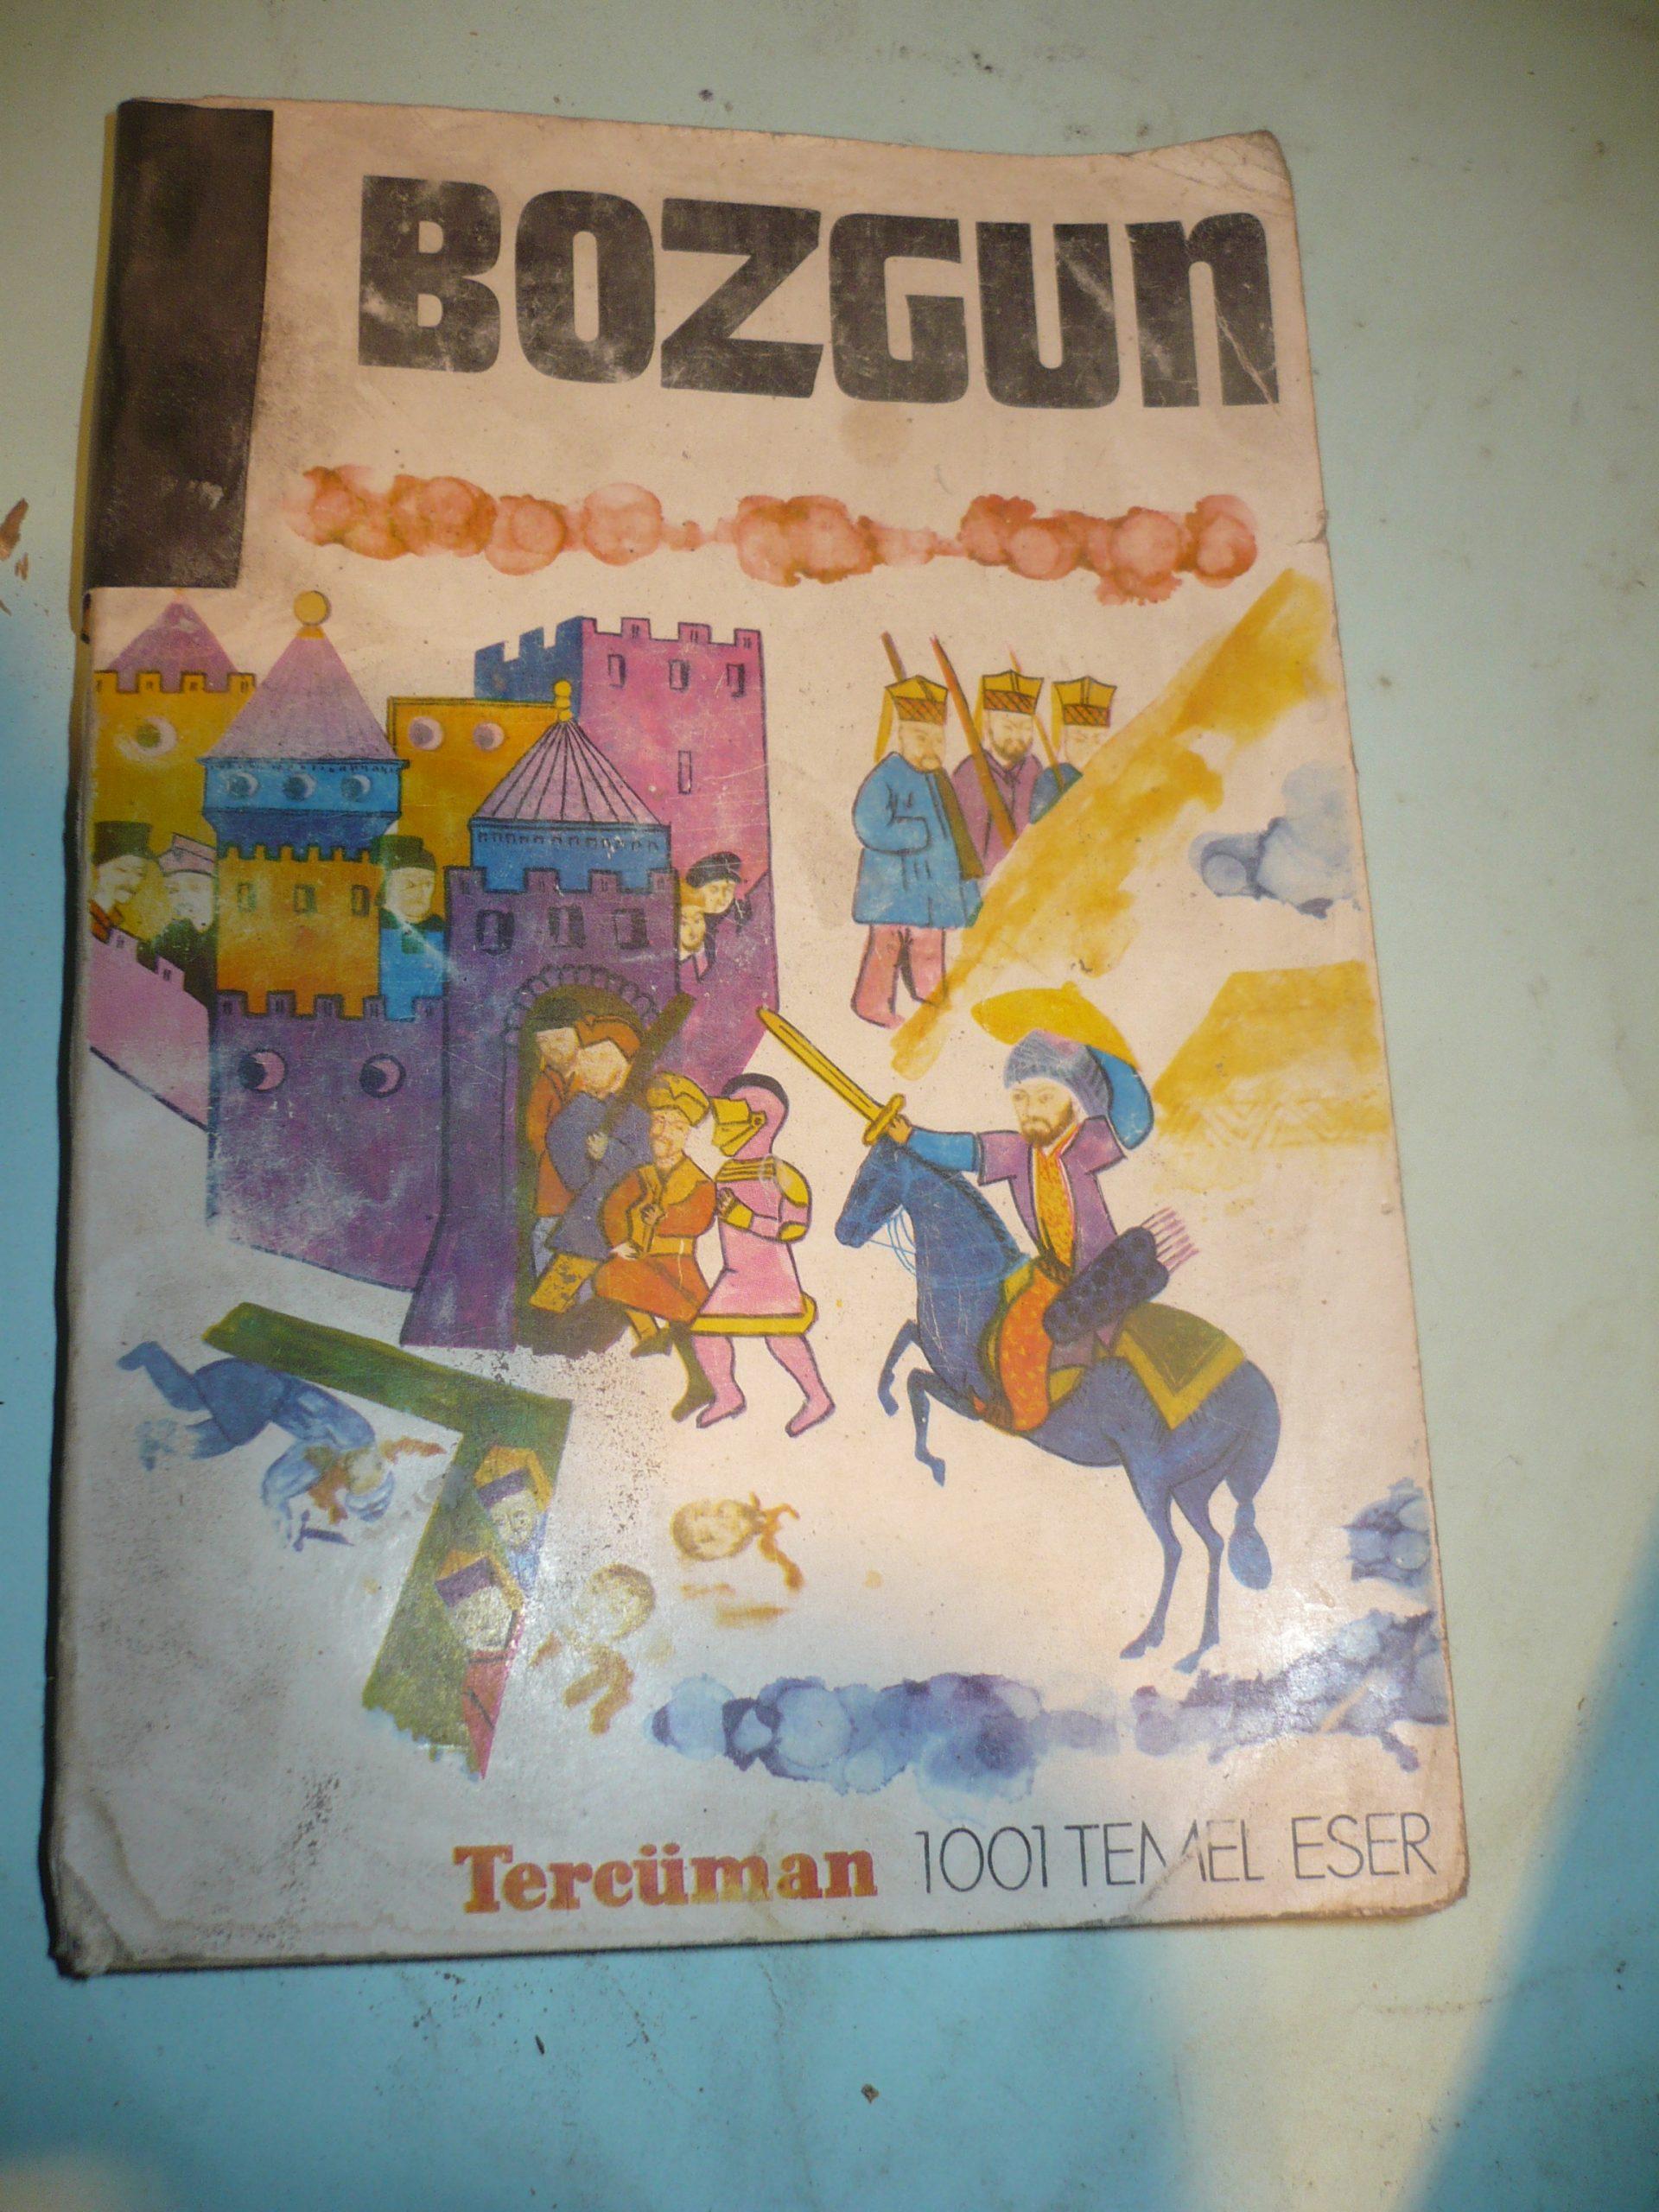 BOZGUN/Hafız Hakkı Paşa/Tercüman